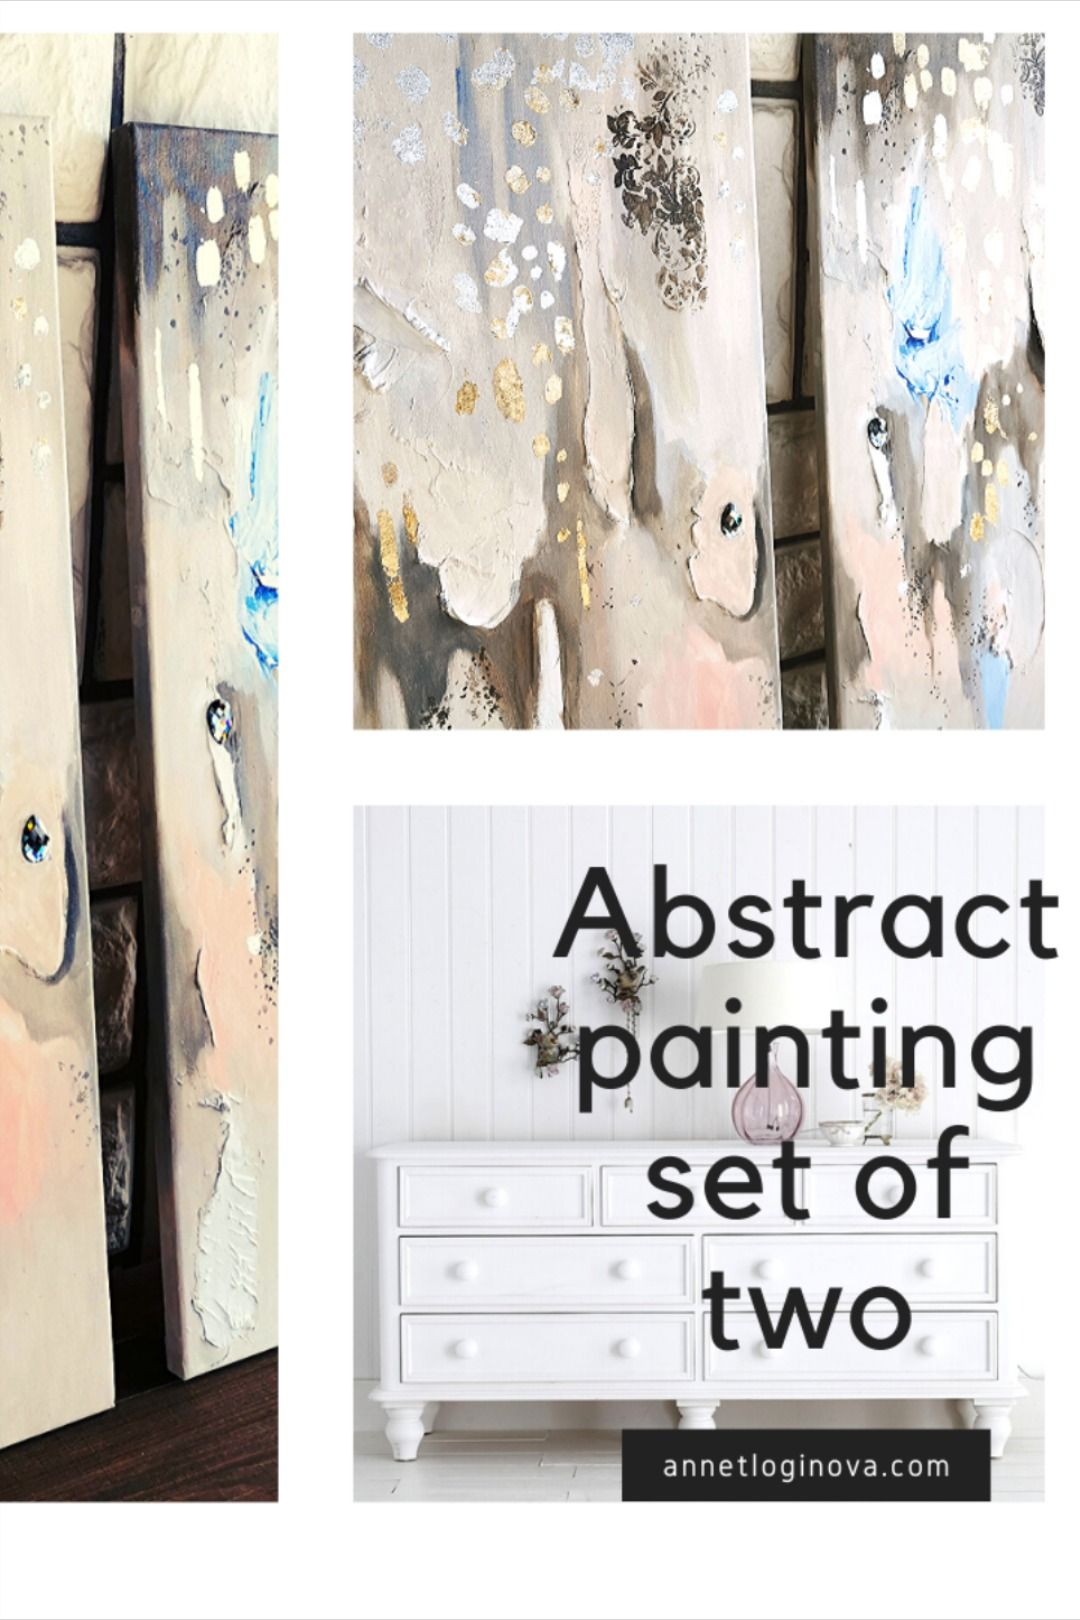 Gold Art 2 Piece Wall Art Original Abstract Painting Set Of 2 Wall Art Textured Paintings Abstract Wall Art In 2020 Abstract Wall Art Texture Painting Painting